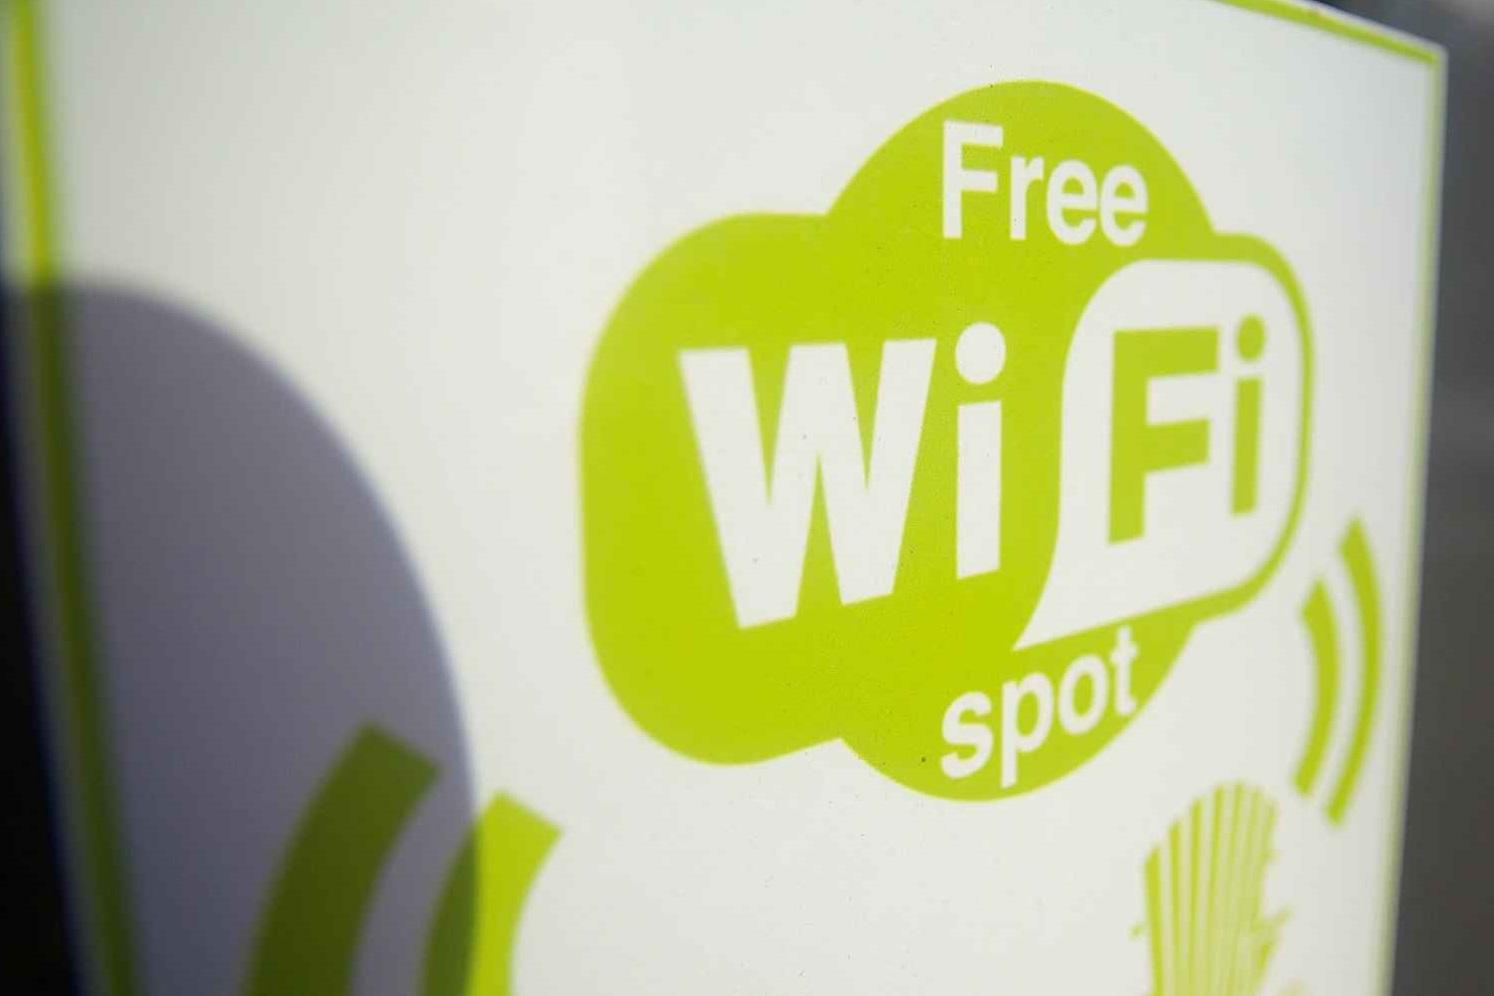 Публичные точки Wi-Fi становятся все более безопаснее